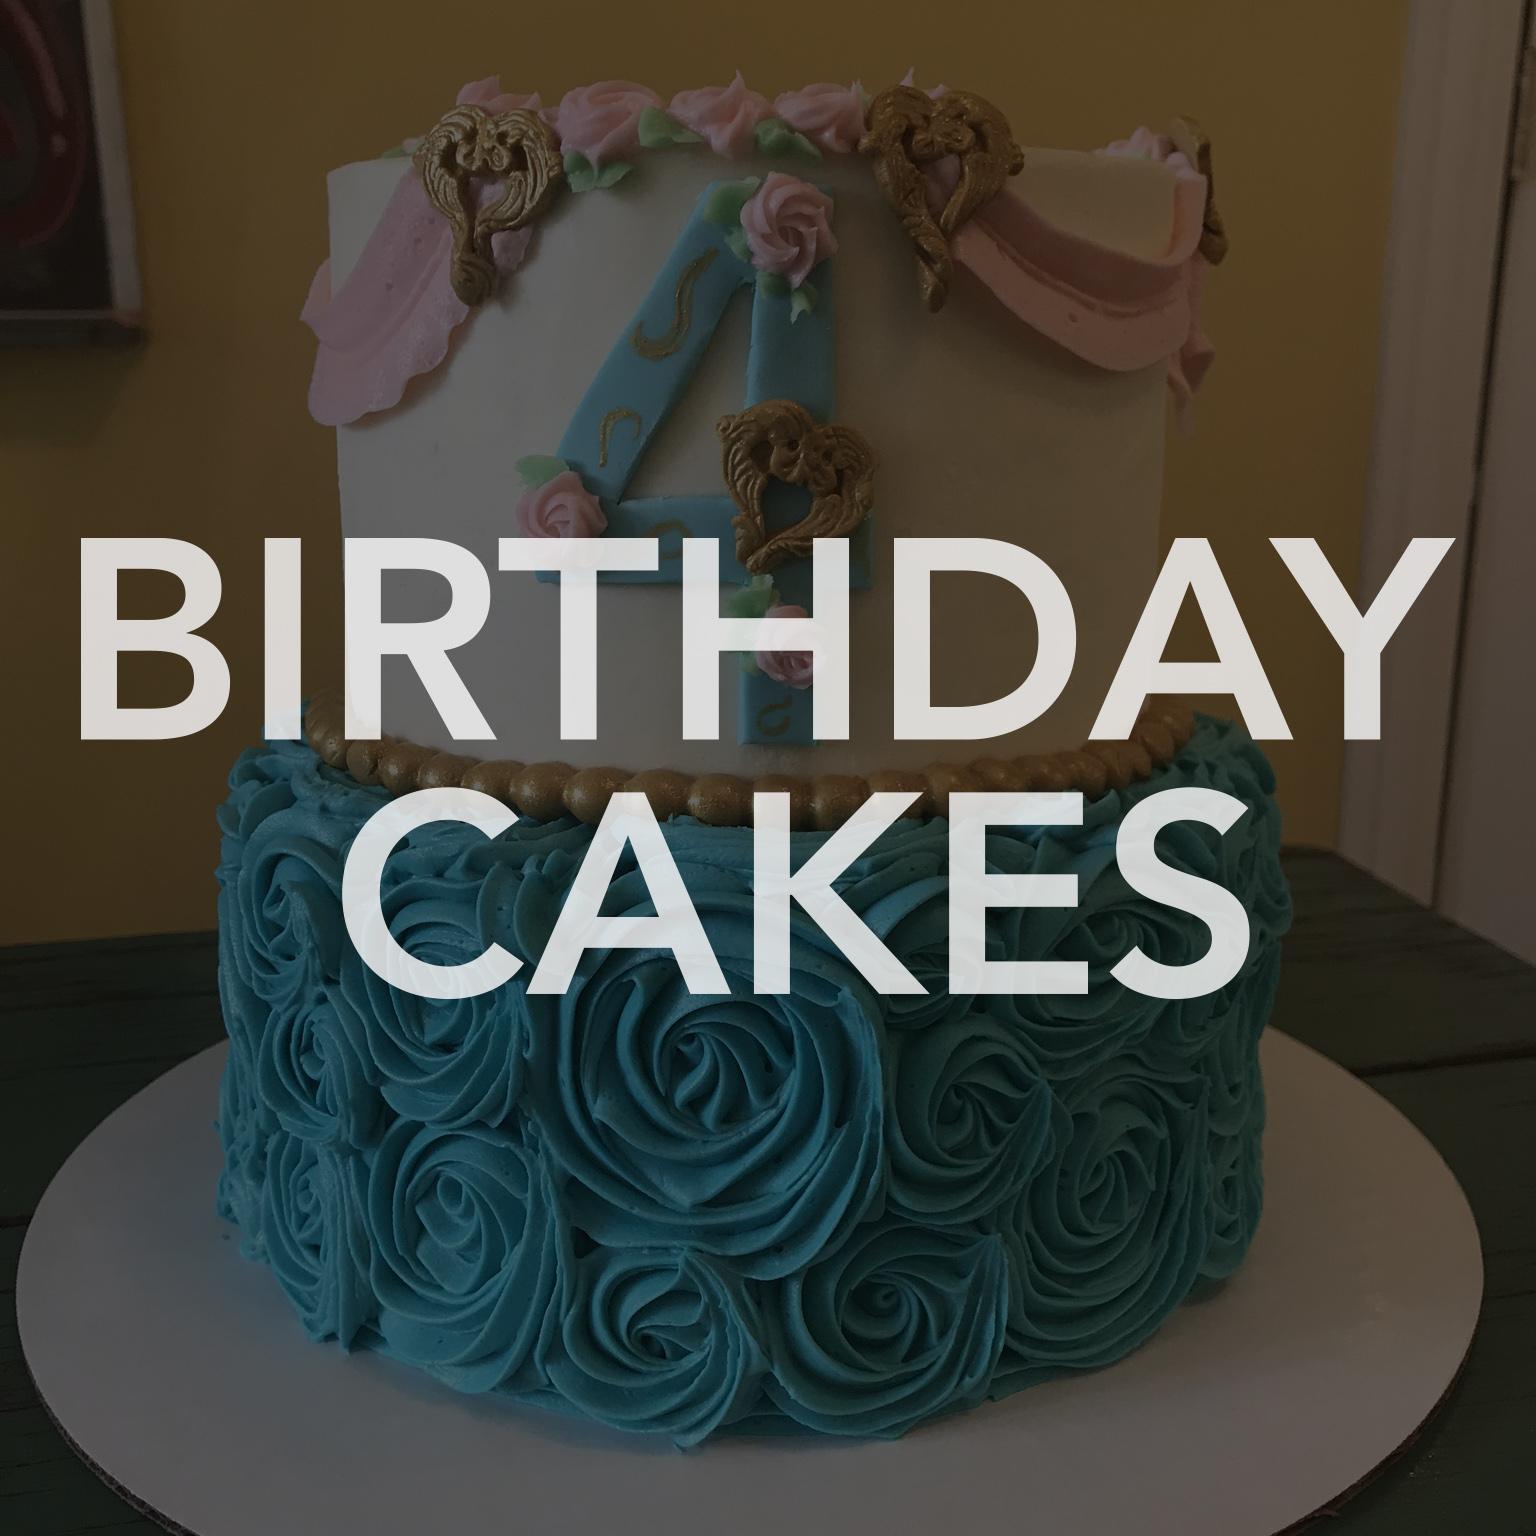 Birthday Cakes Image.jpg